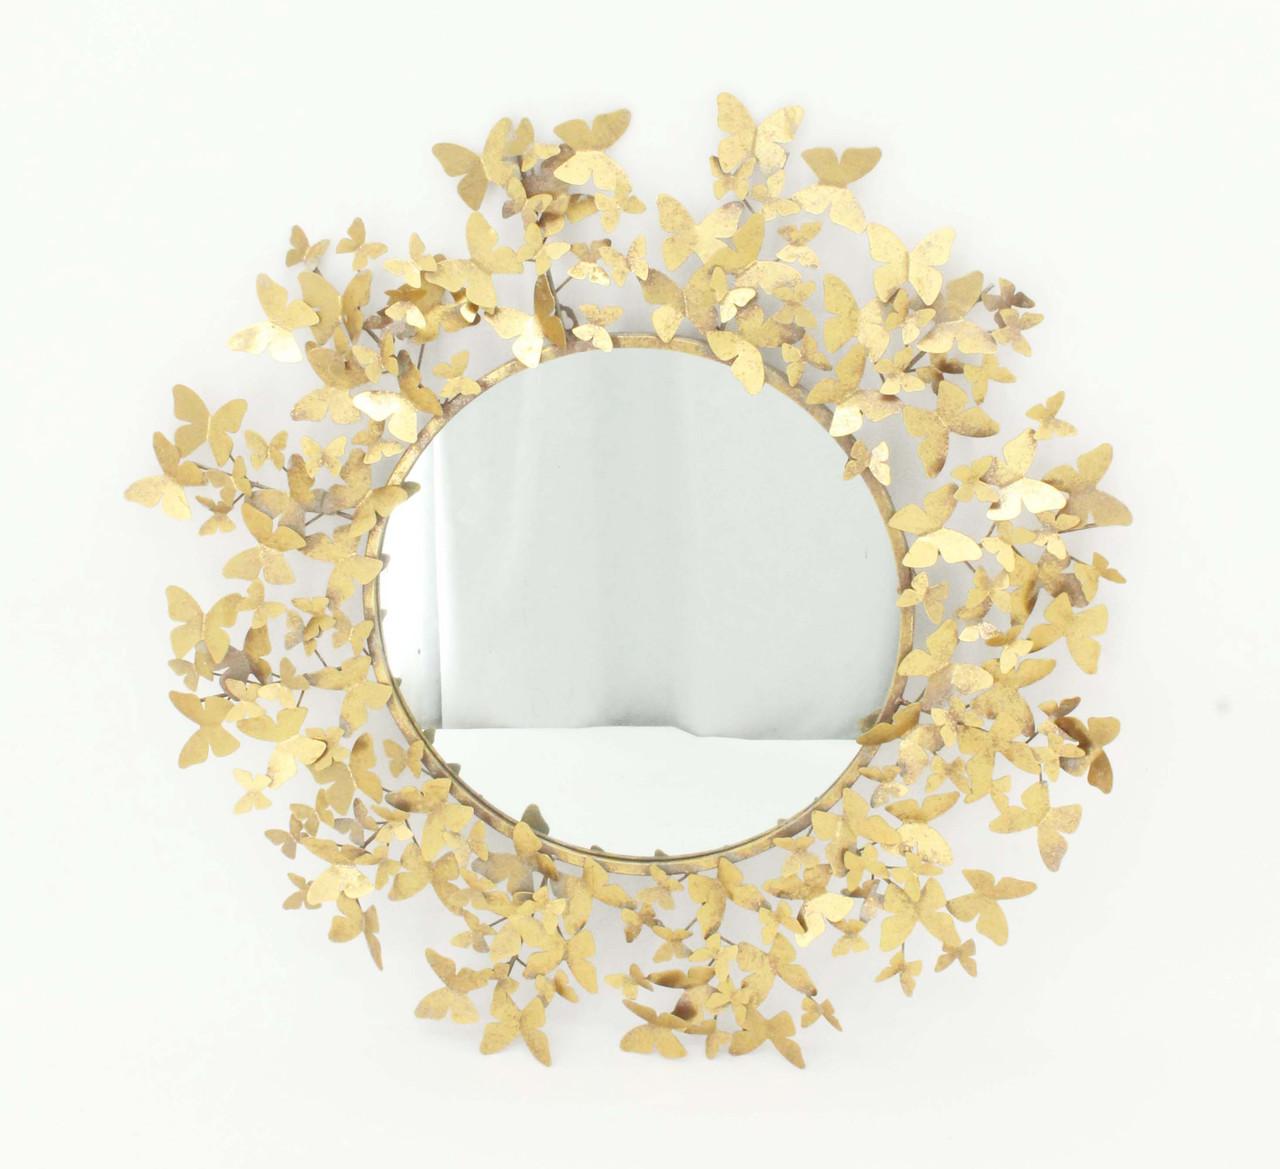 """Настенное зеркало """"Венок славы"""" из стекла и металла Гранд Презент 81173"""